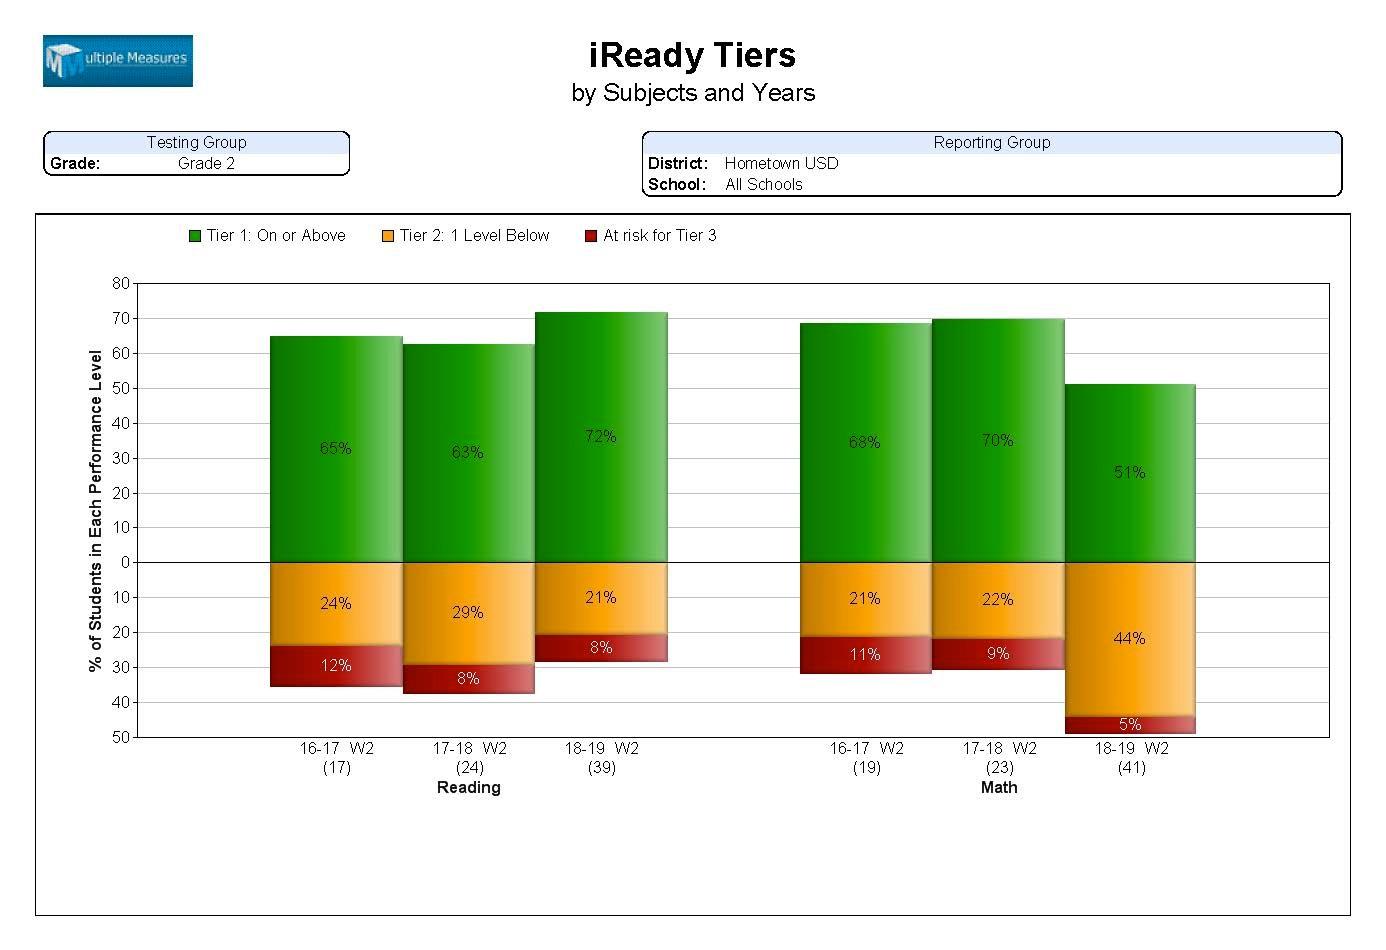 iReady-summary_iReadyTiers.jpg